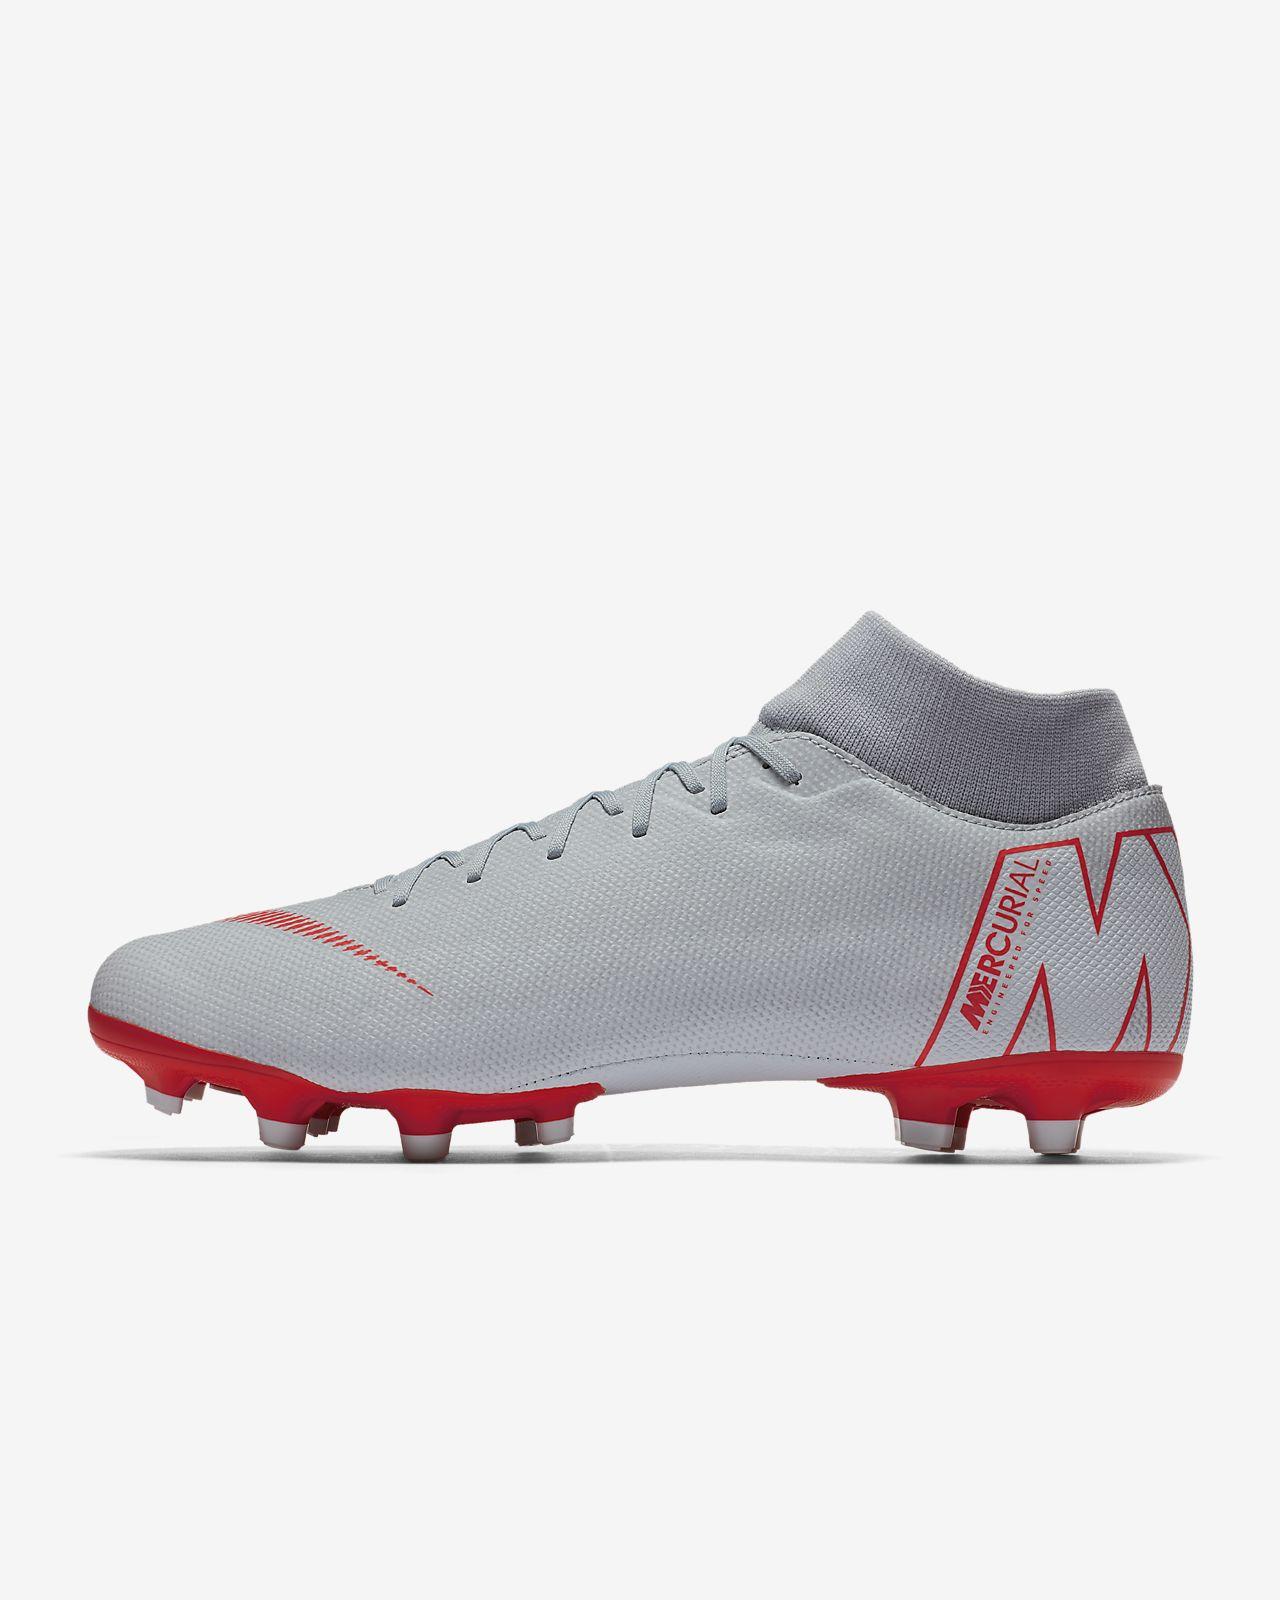 480cd0061f ... Nike Mercurial Superfly VI Academy Botas de fútbol para múltiples  superficies deals 4f9a7 a3f61 . ...